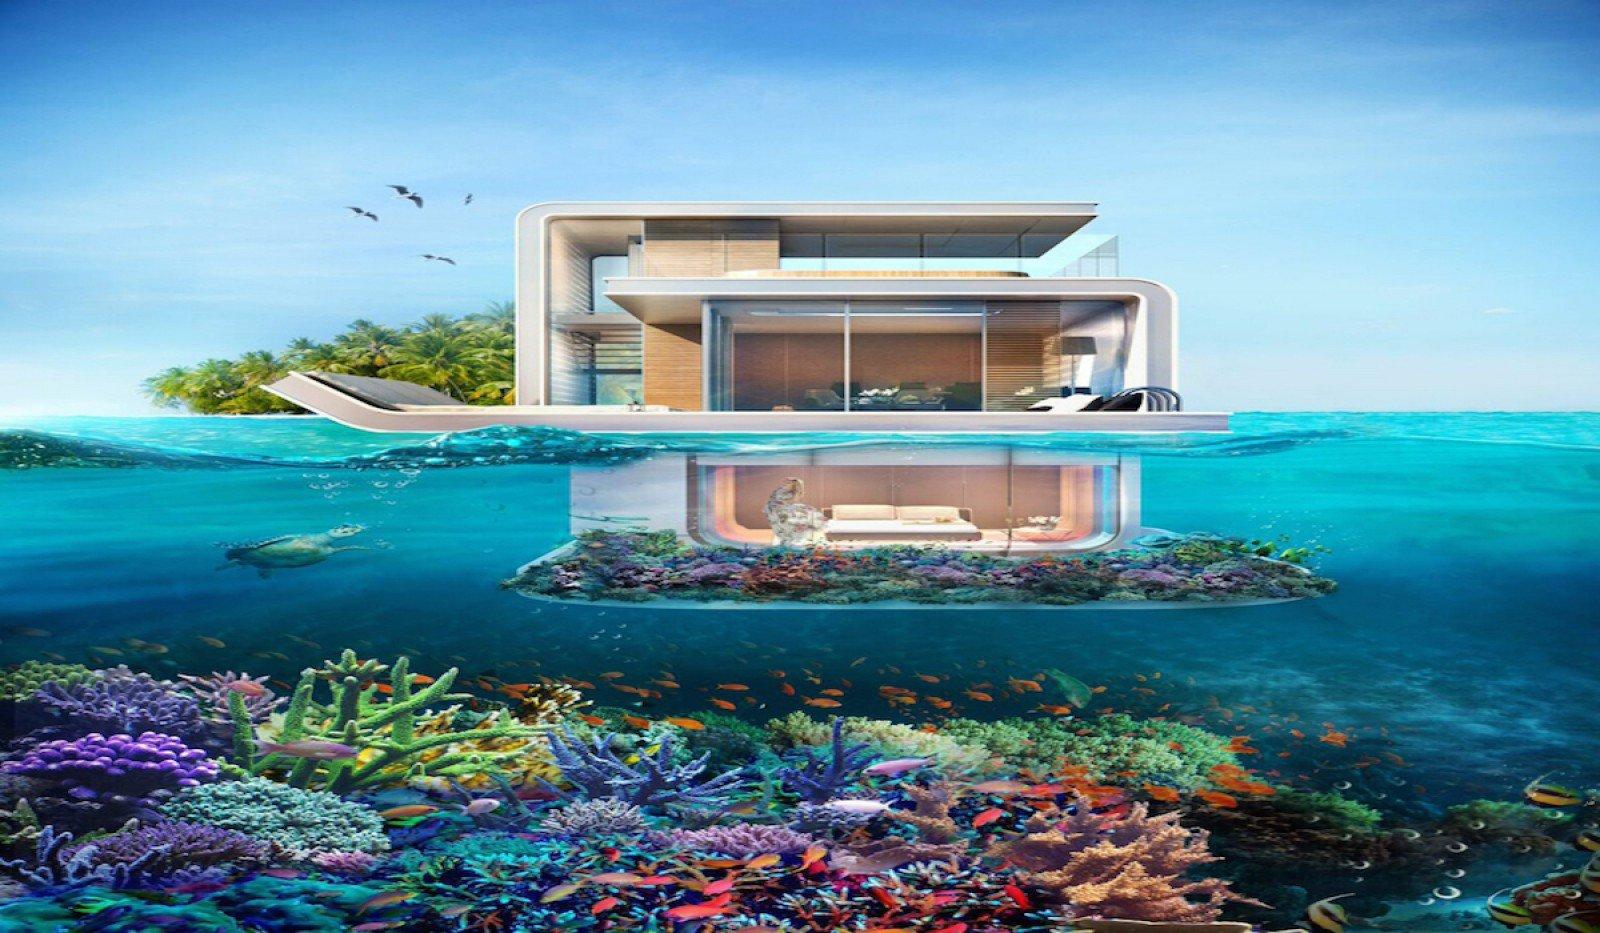 Casas de lujo a la venta en dubai est n sumergidas en el for Hotel bajo el agua precio